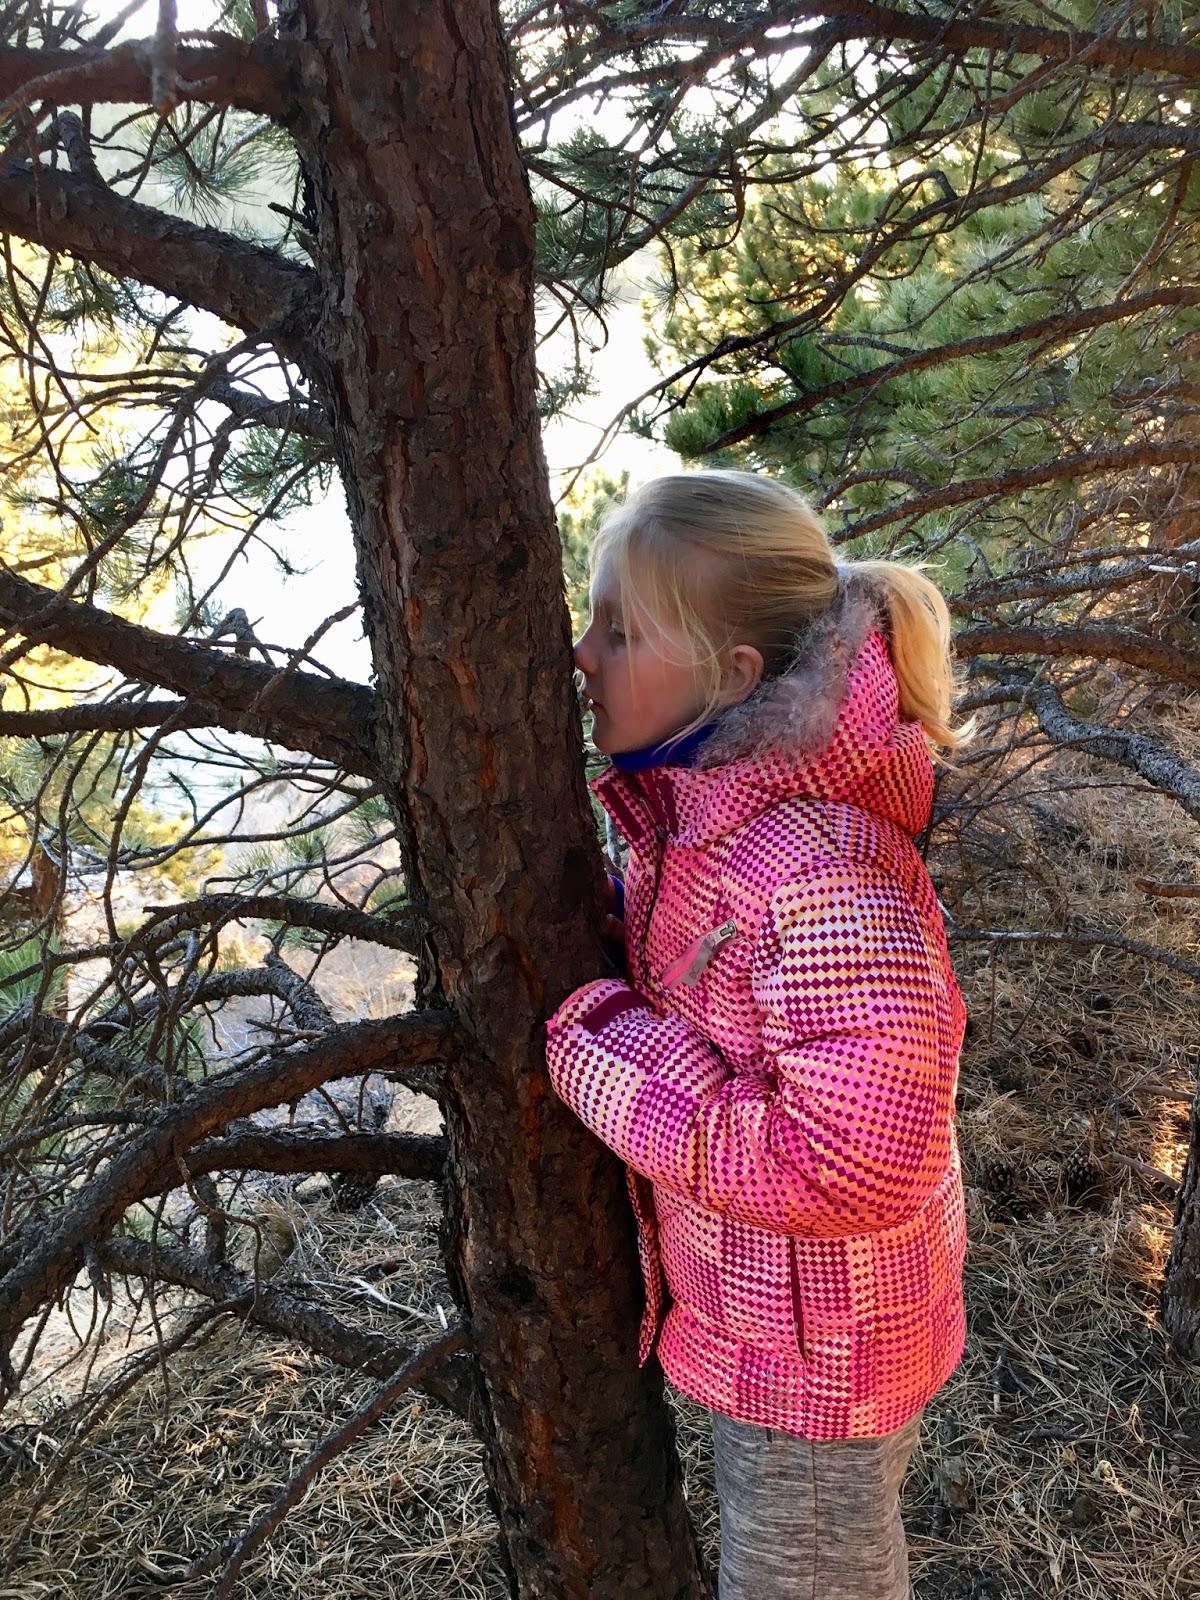 Audrey smelling Colorado